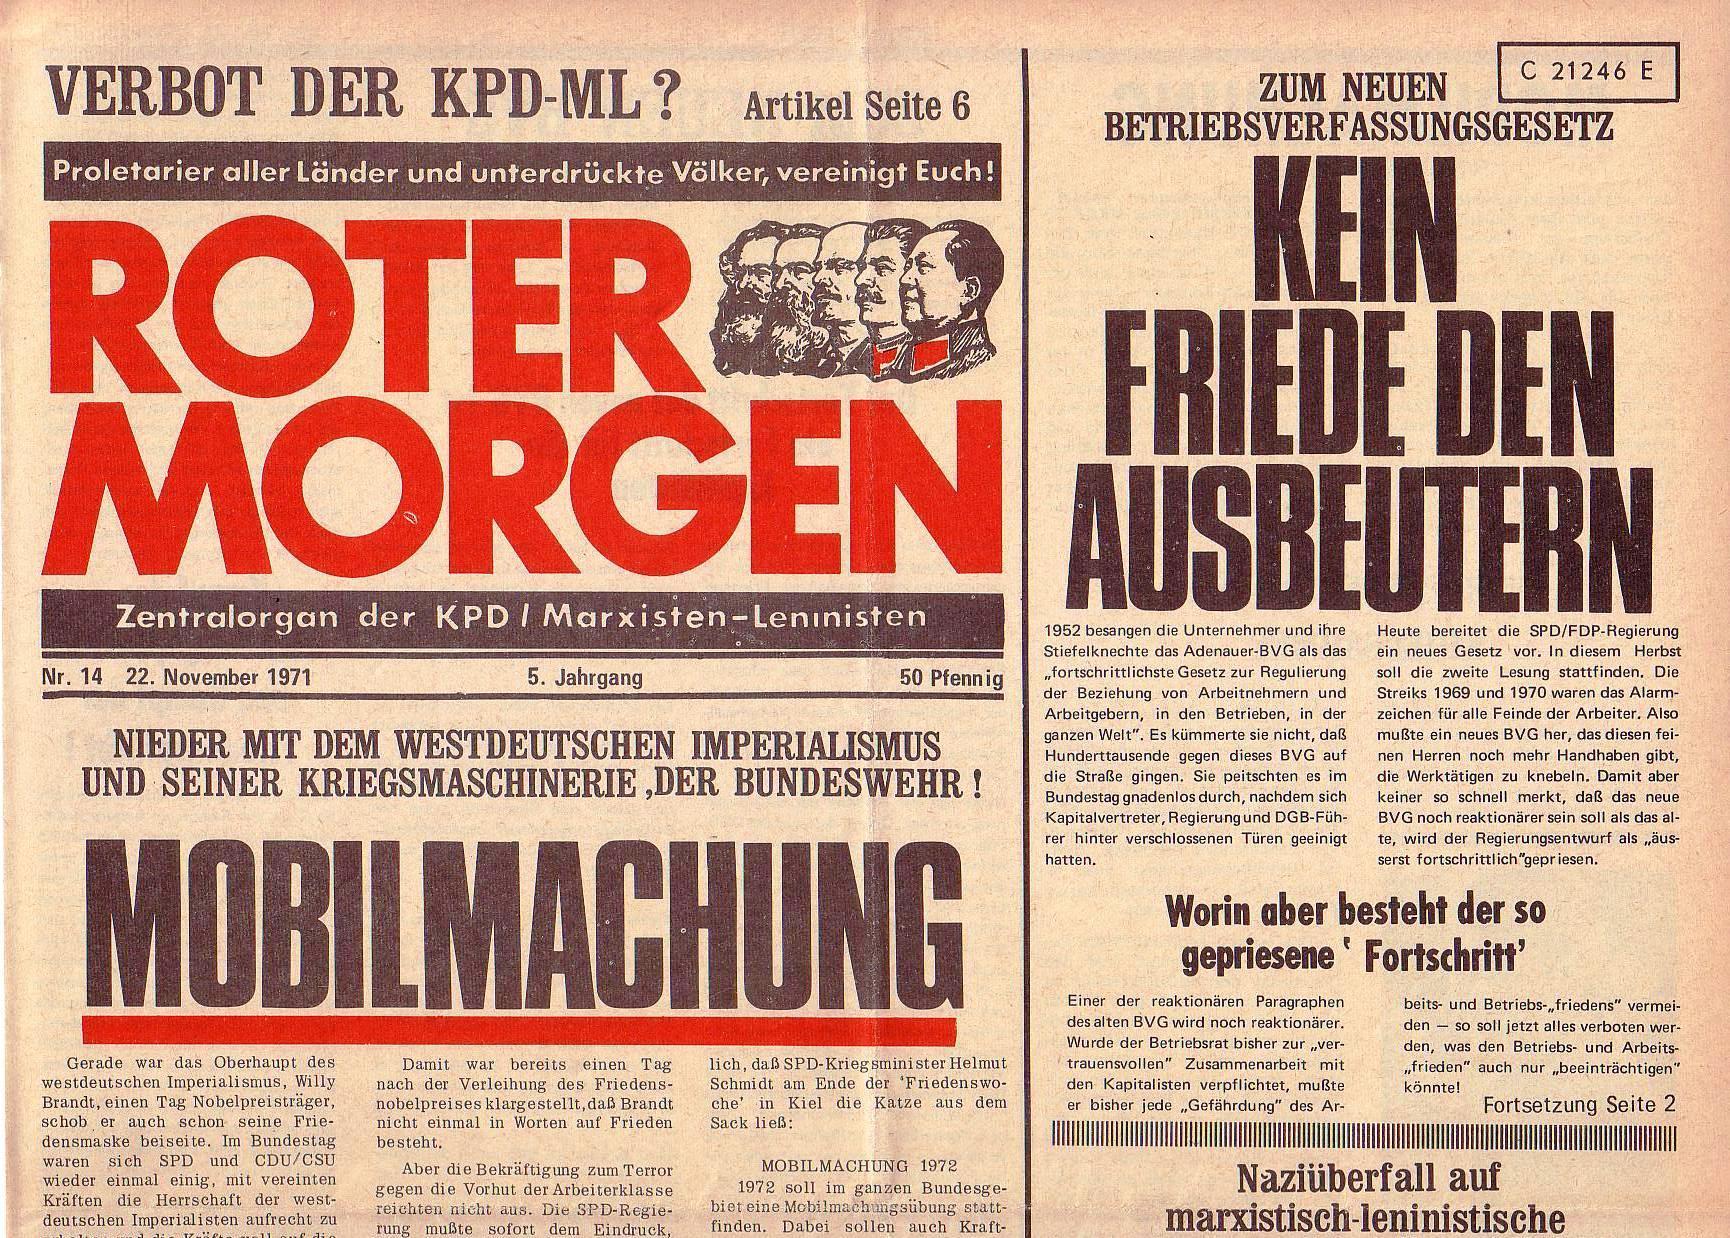 Roter Morgen, 5. Jg., 22. November 1971, Nr. 14, Seite 1a